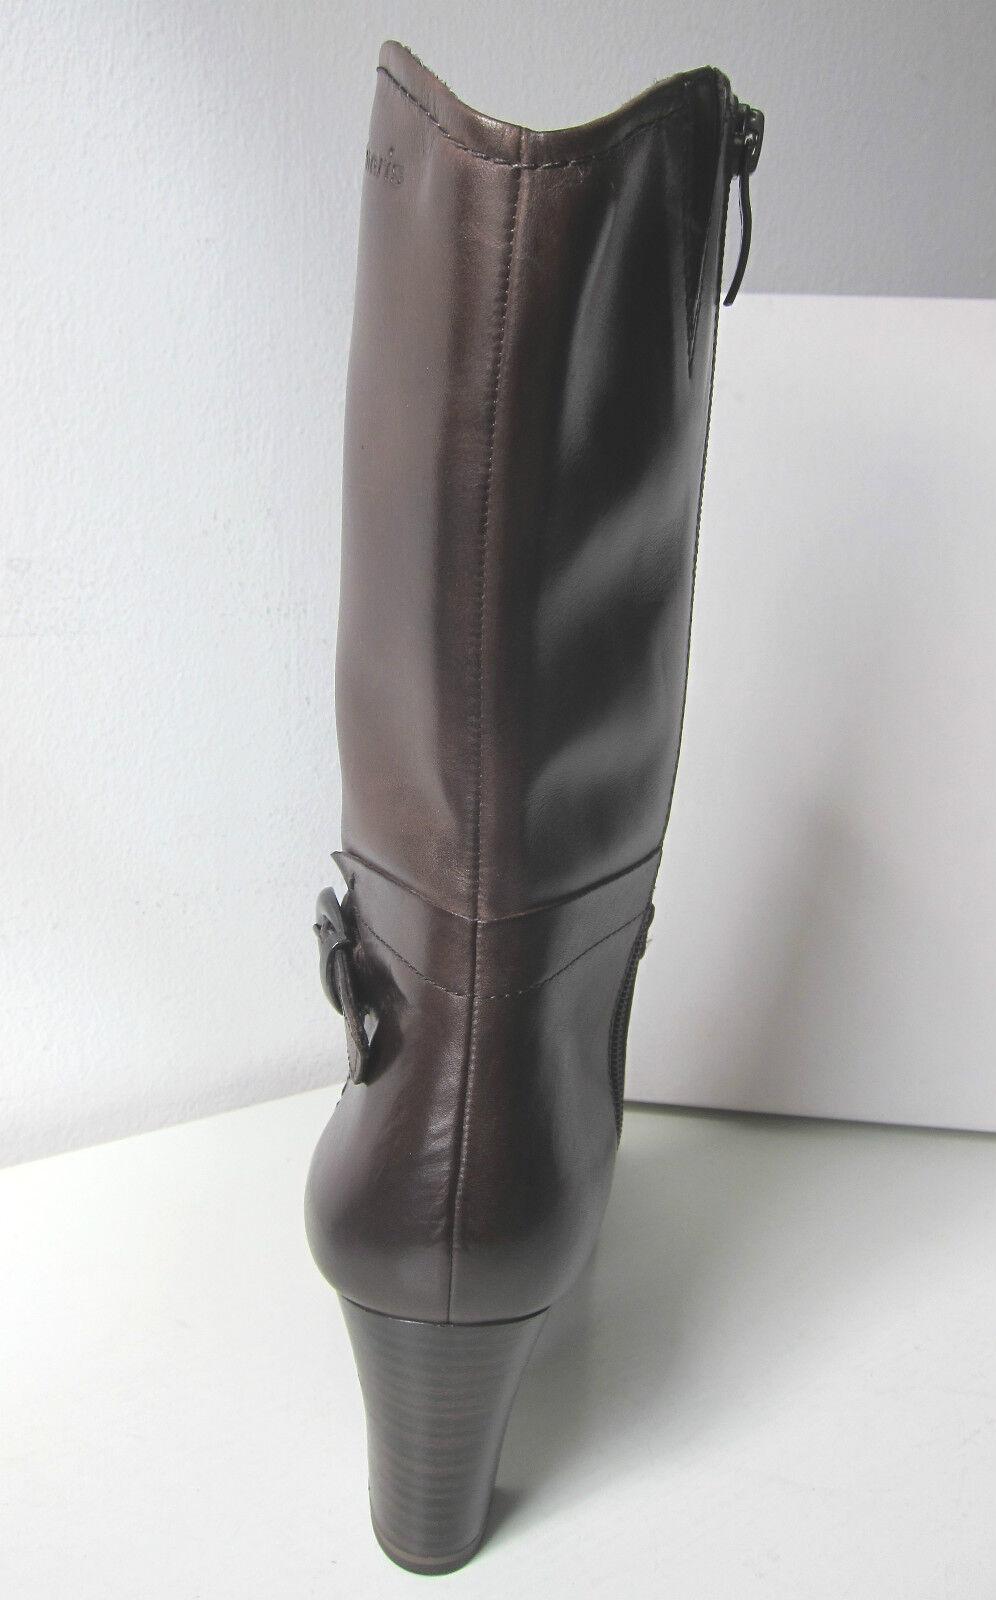 Tamaris halbhohe Stiefel Stiefel Stiefel Stiefeletten braun mocca 37-41 Stiefel Stiefelee braun 3 4 fd89a4